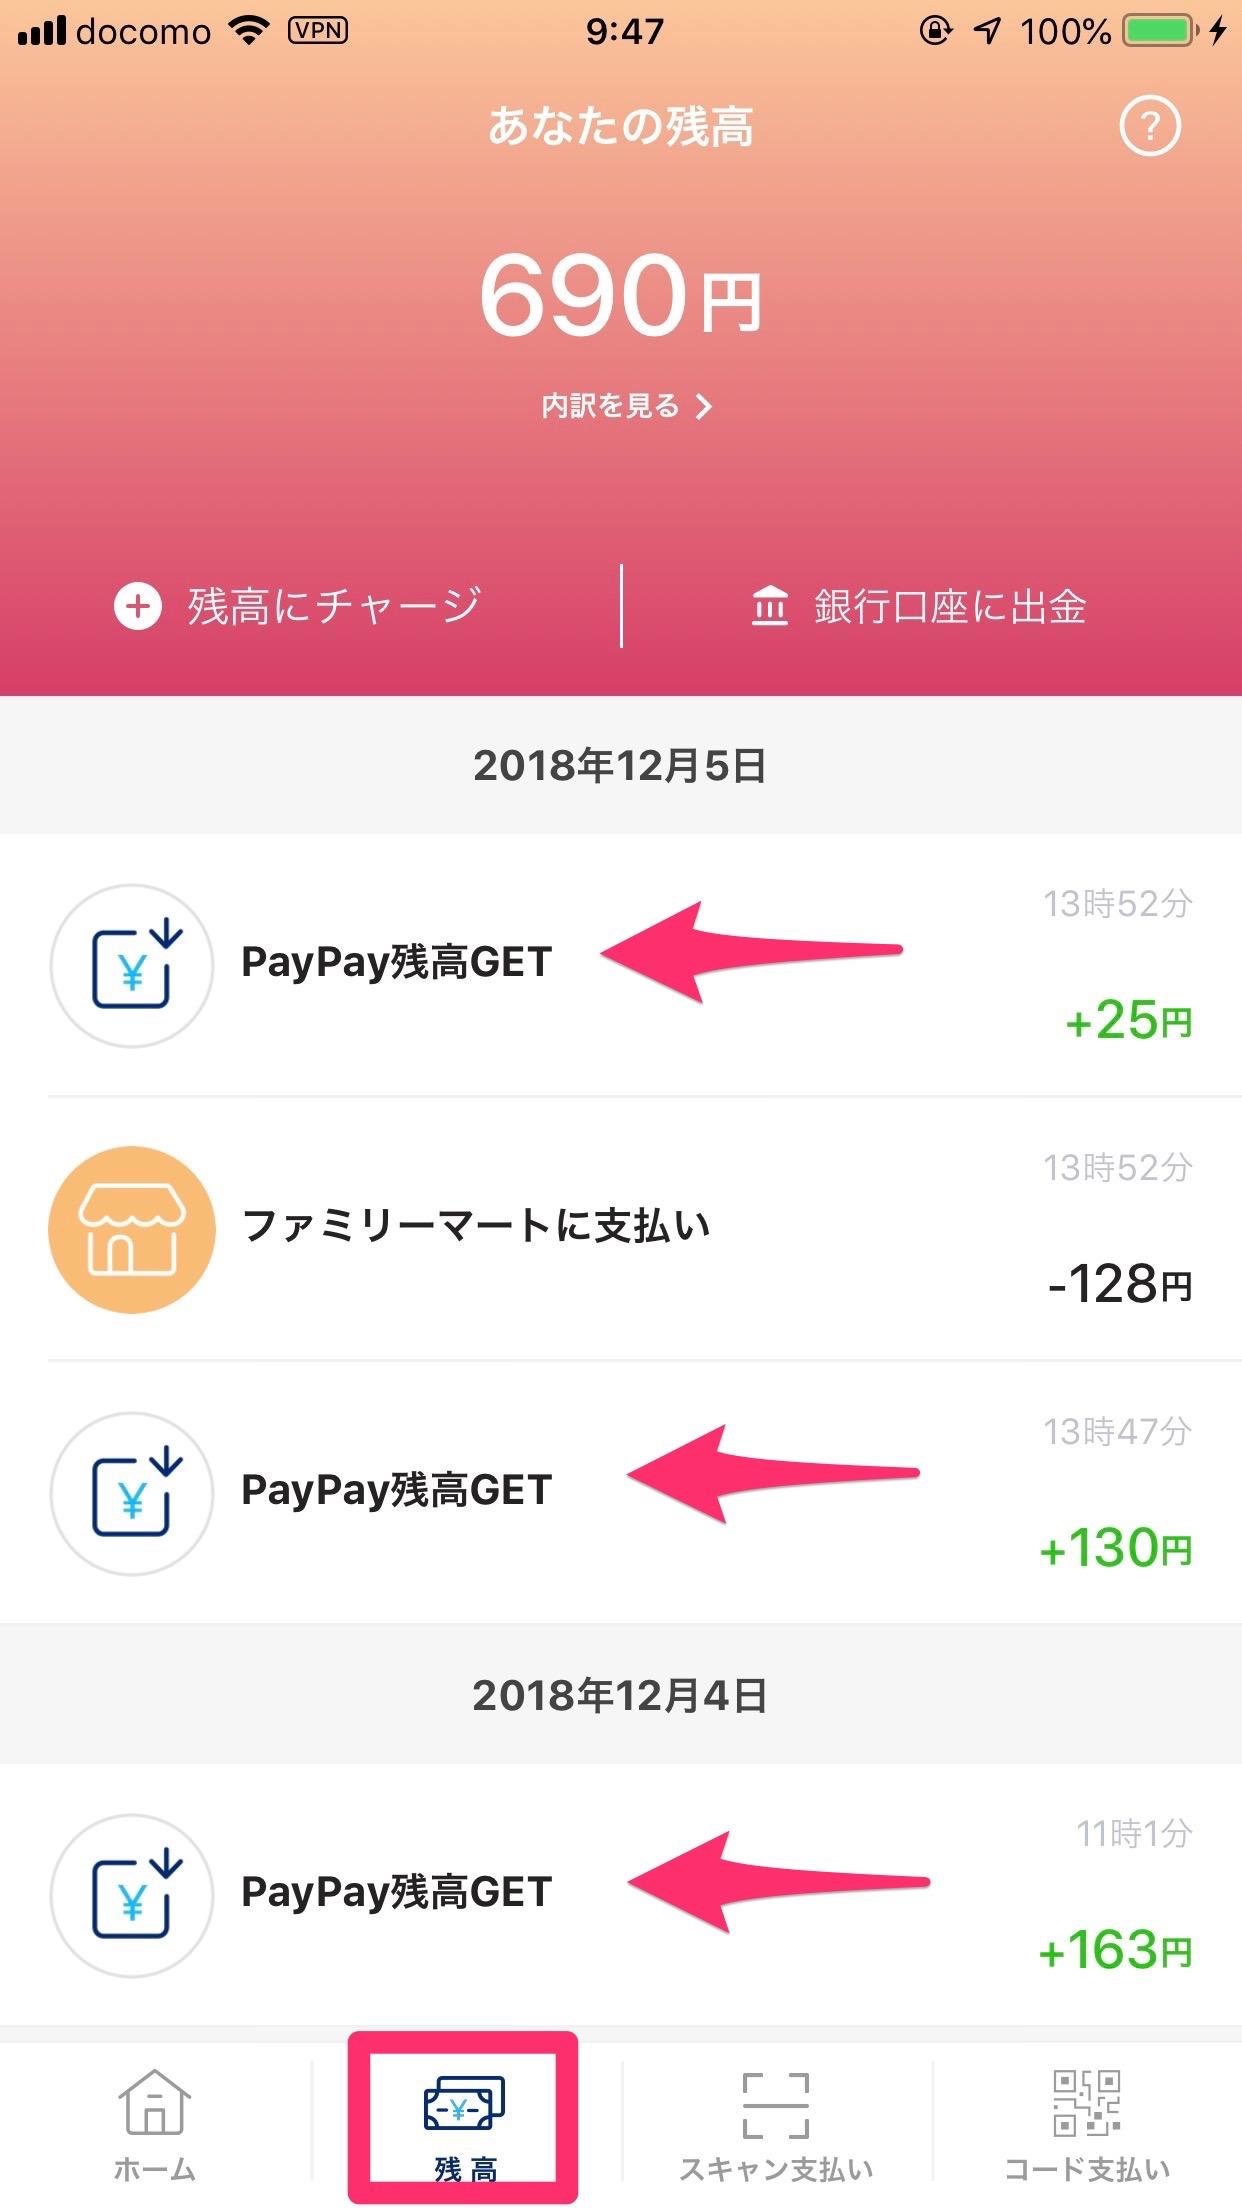 【PayPay】100億円キャンペーンのペイペイ残高が戻ってきた 1